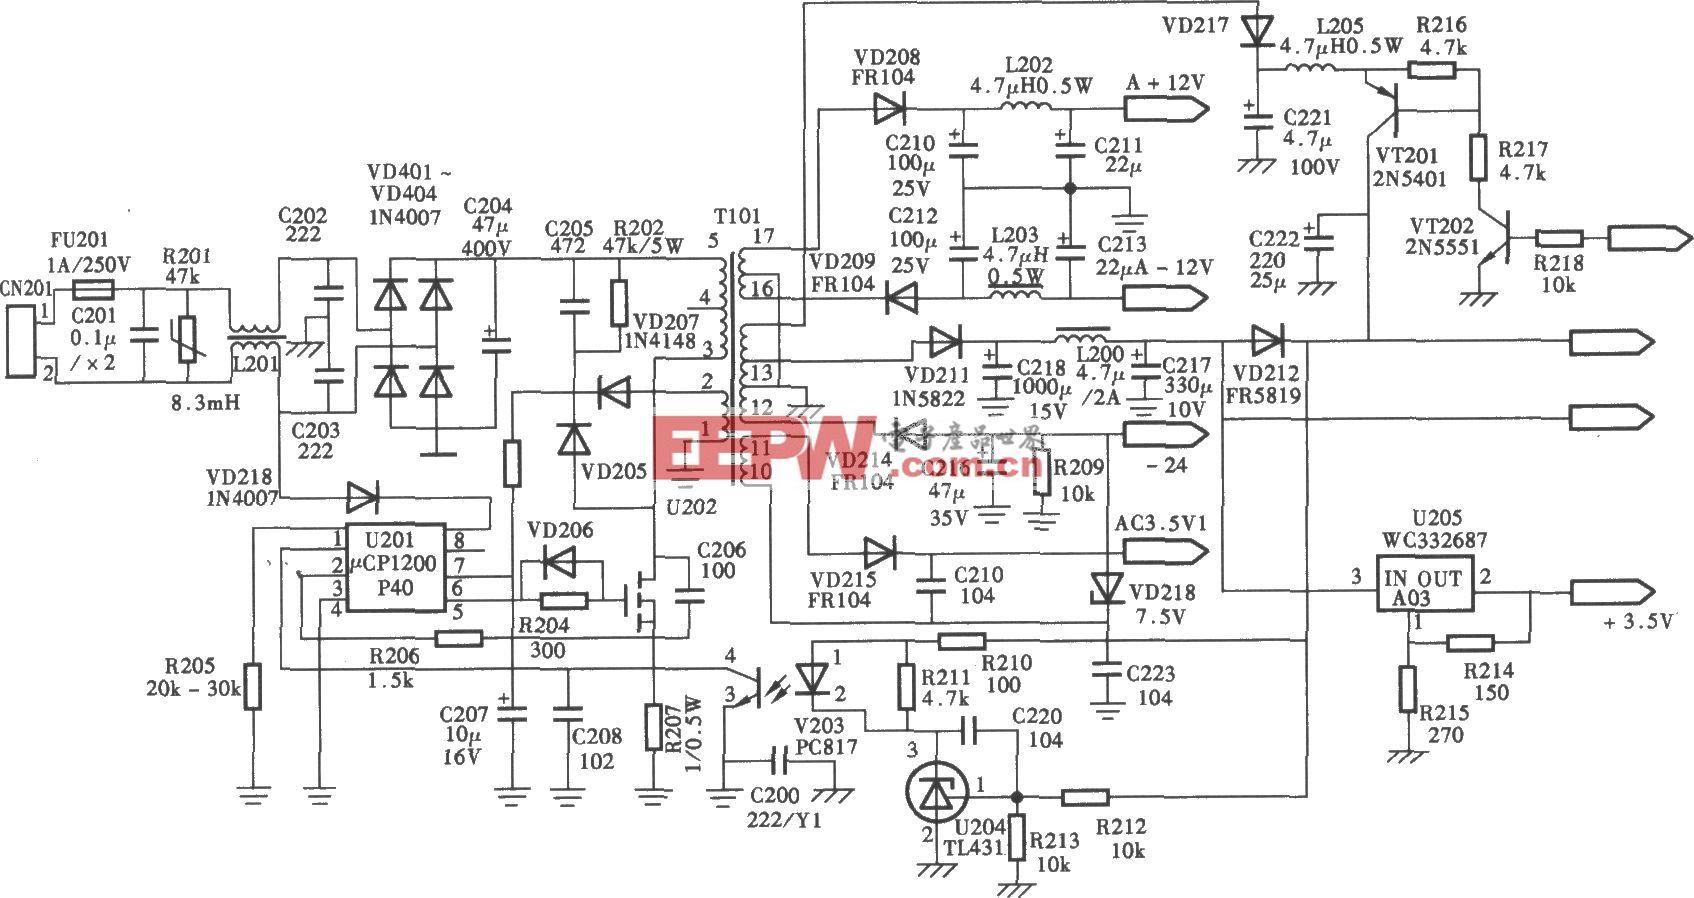 奇声PDVD-4026型逐行扫描DVD机开关电源(μCPl200) 电路